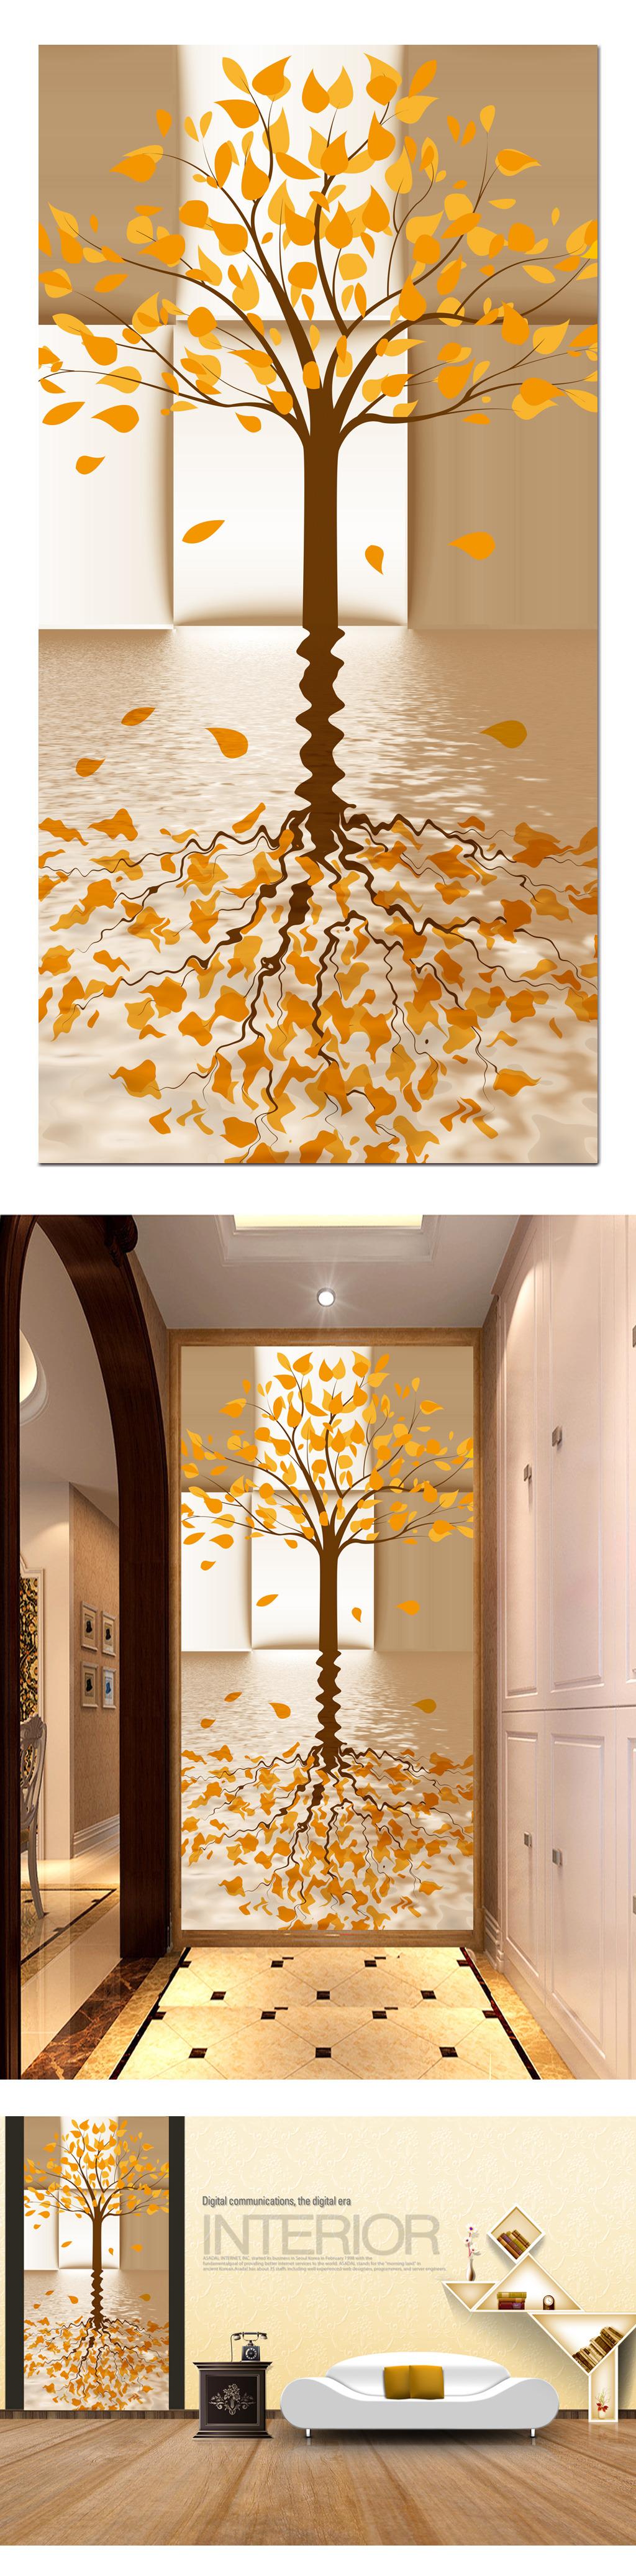 背景墙|装饰画 玄关 3d玄关 > 3d格子大树水中倒影发财树玄关图片